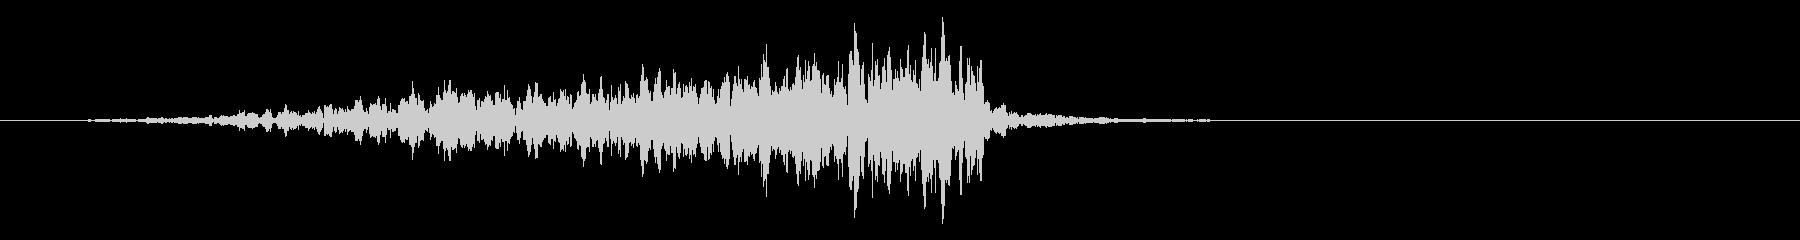 ドローンローディープオンカミング-...の未再生の波形